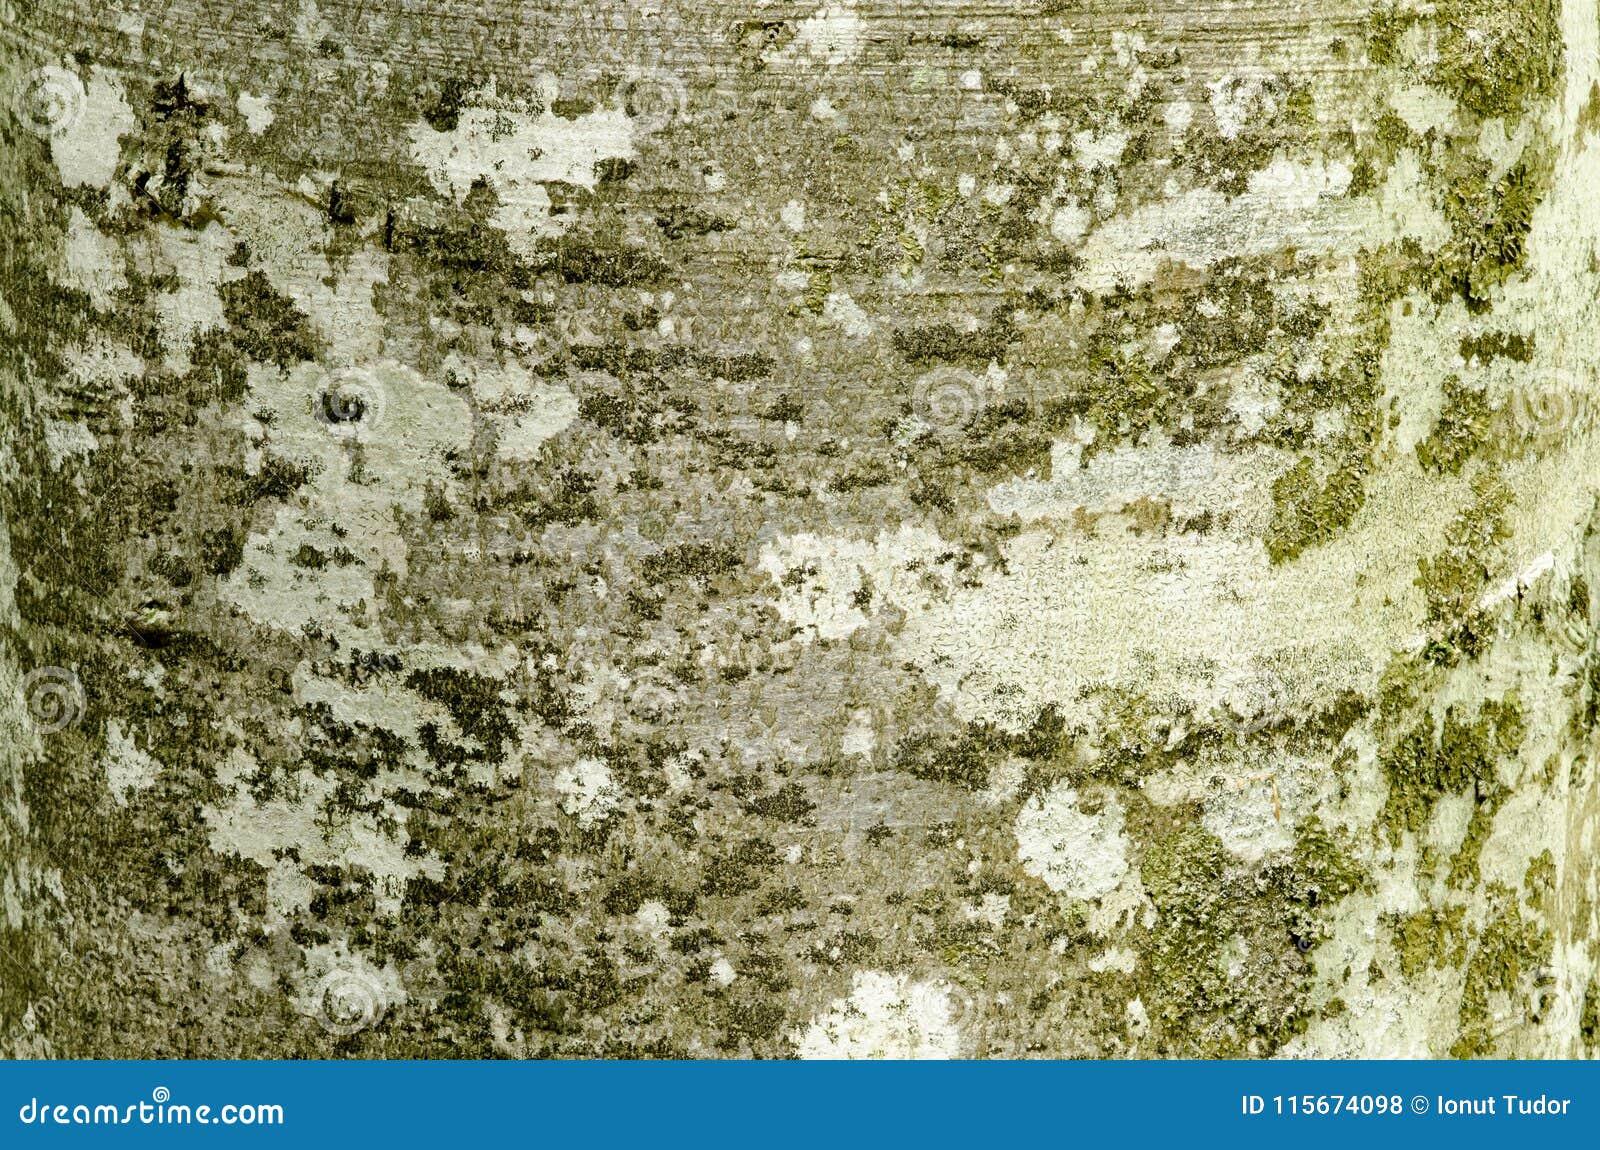 Buchenbaumrinde mit strukturiertem Muster